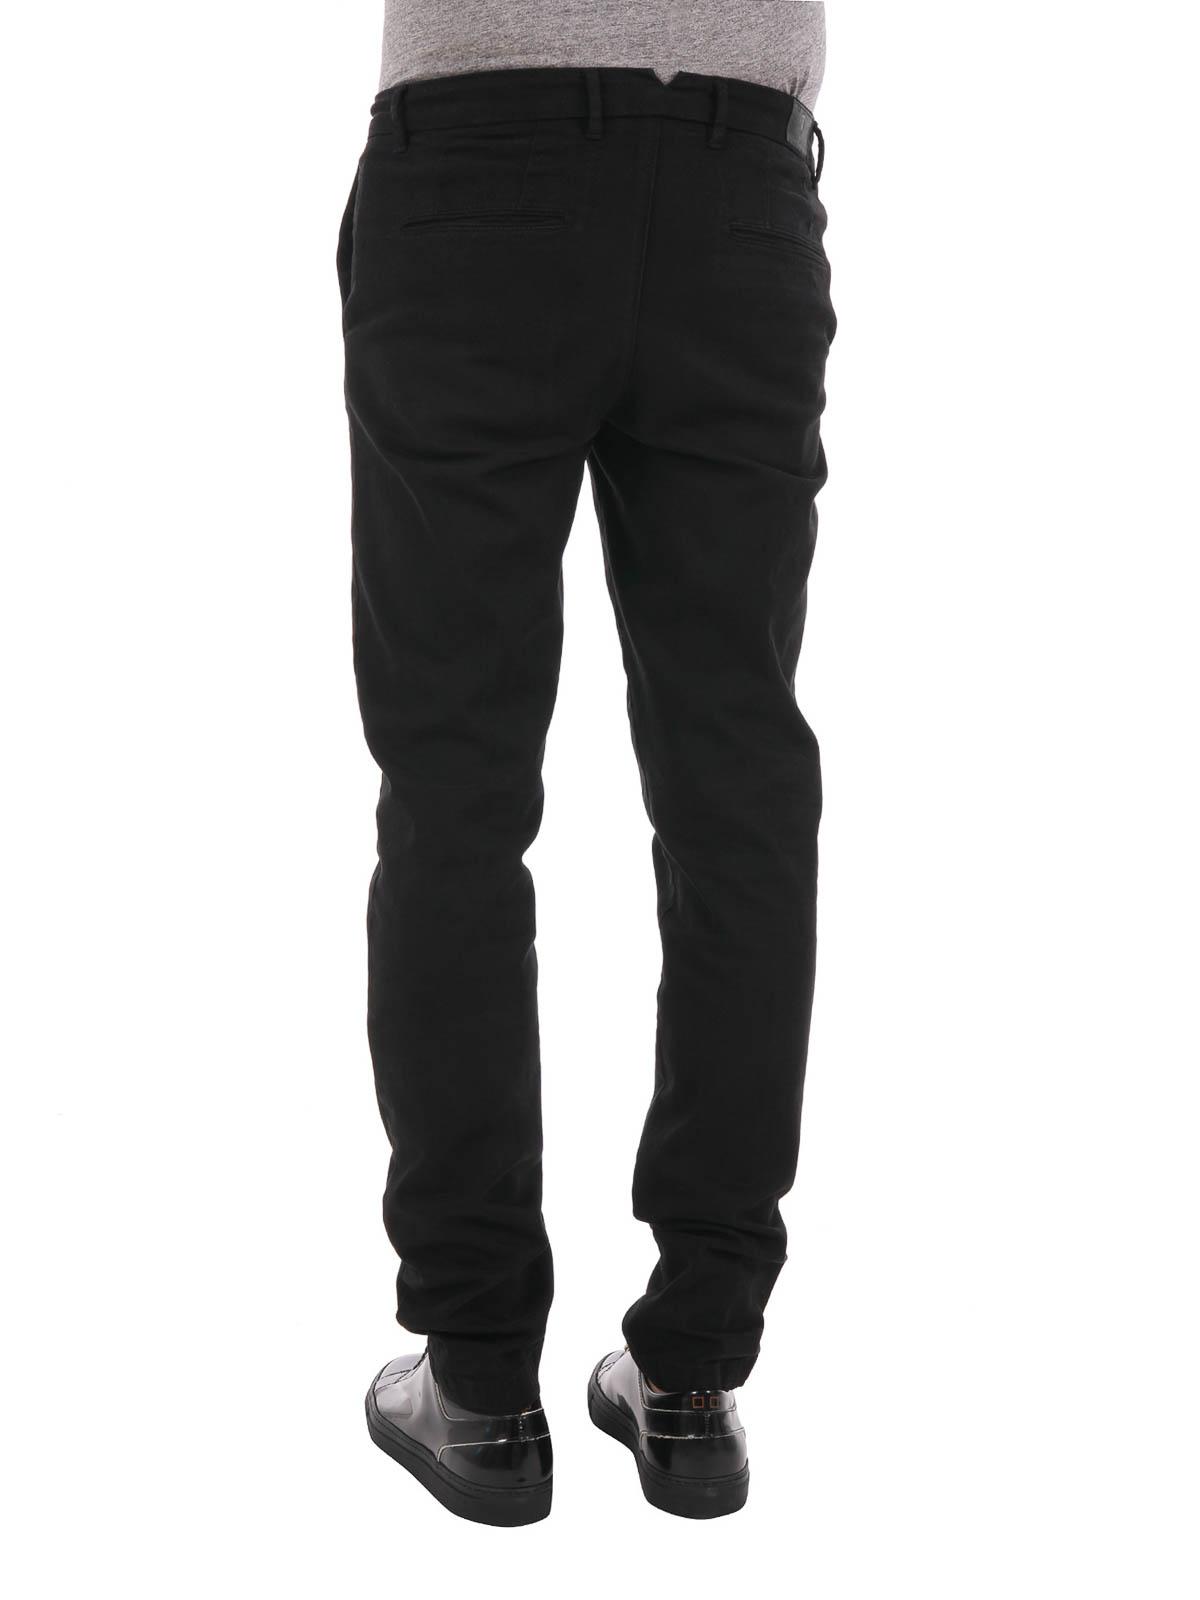 21e3da191c8 iKRIX TRUSSARDI: Pantalones casual - Pantalón De Traje Negro Para Hombre